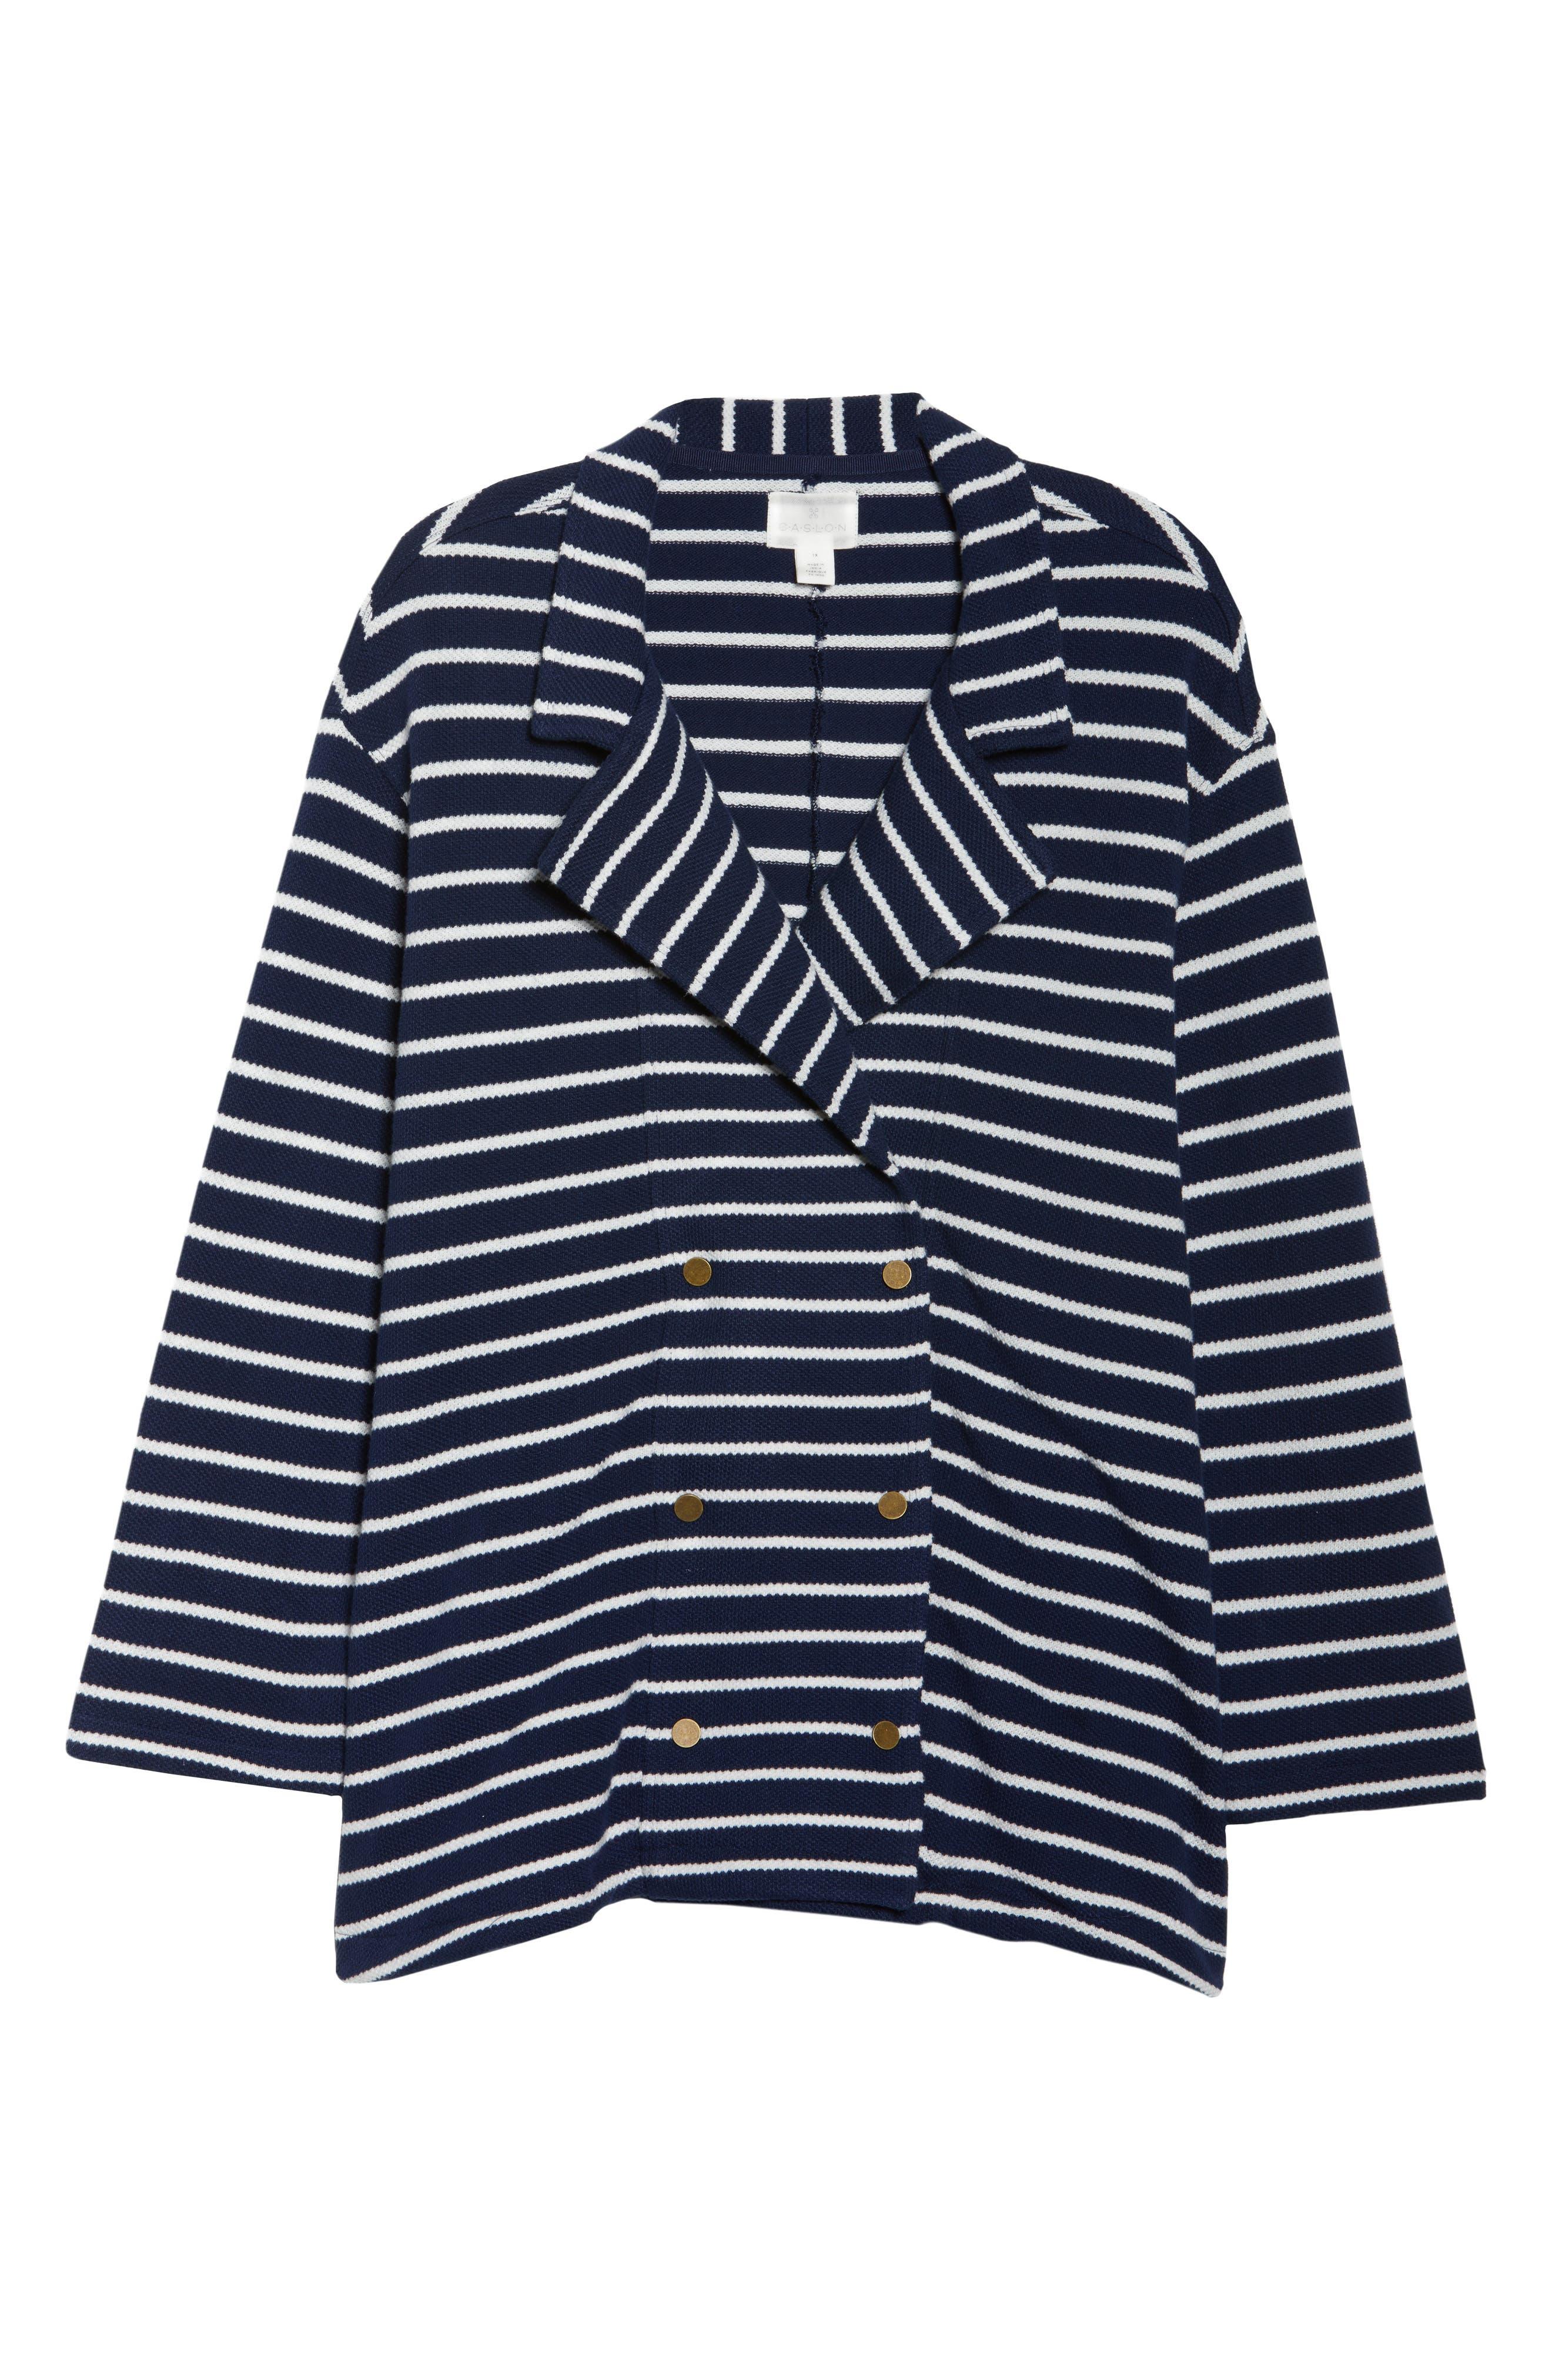 Stripe Peacoat Knit Jacket,                             Alternate thumbnail 6, color,                             410